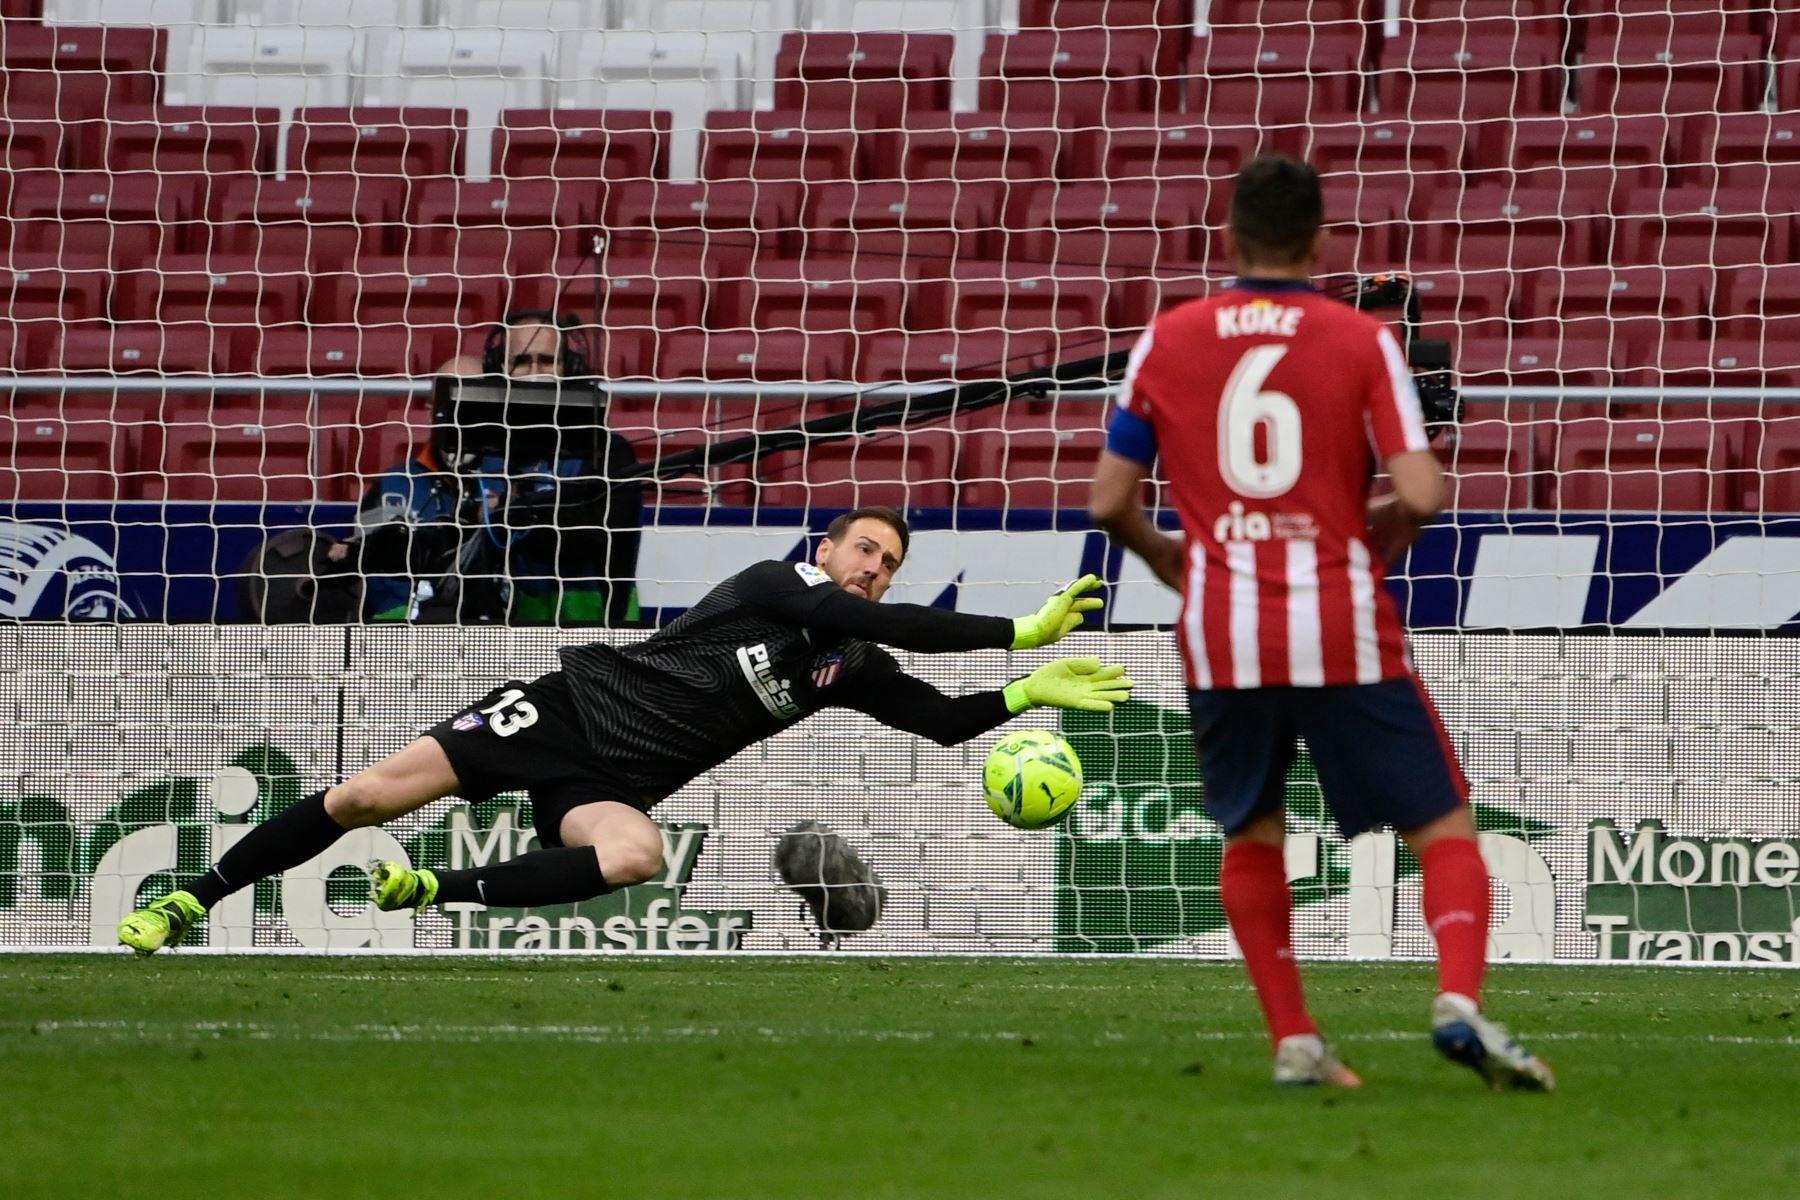 El portero esloveno del Atlético de Madrid, Jan Oblak, se lanza por el balón durante el partido de fútbol de la liga española Club Atlético de Madrid contra el Real Madrid. Foto: AFP